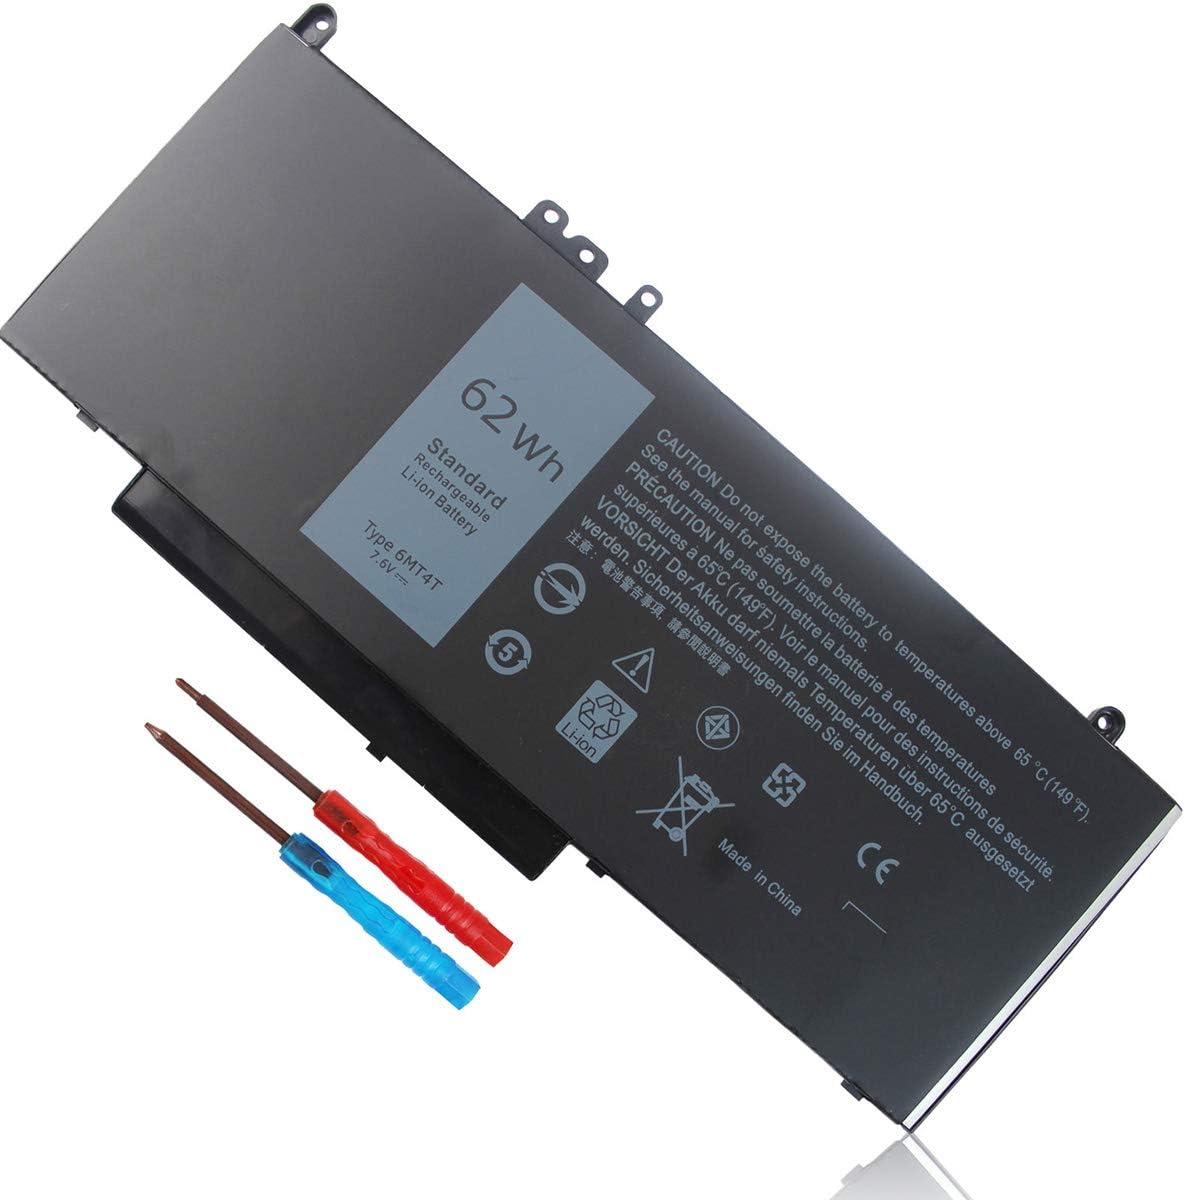 62Wh Type 6MT4T Battery for Dell Latitude E5470 E5570 E5270 Precision 3510 7V69Y TXF9M 79VRK 07V69Y 079VRK 0TXF9M 0HK6DV P62G P62G001 P48F P48F001 P48F002 Replacement 7.6V 4-Cell